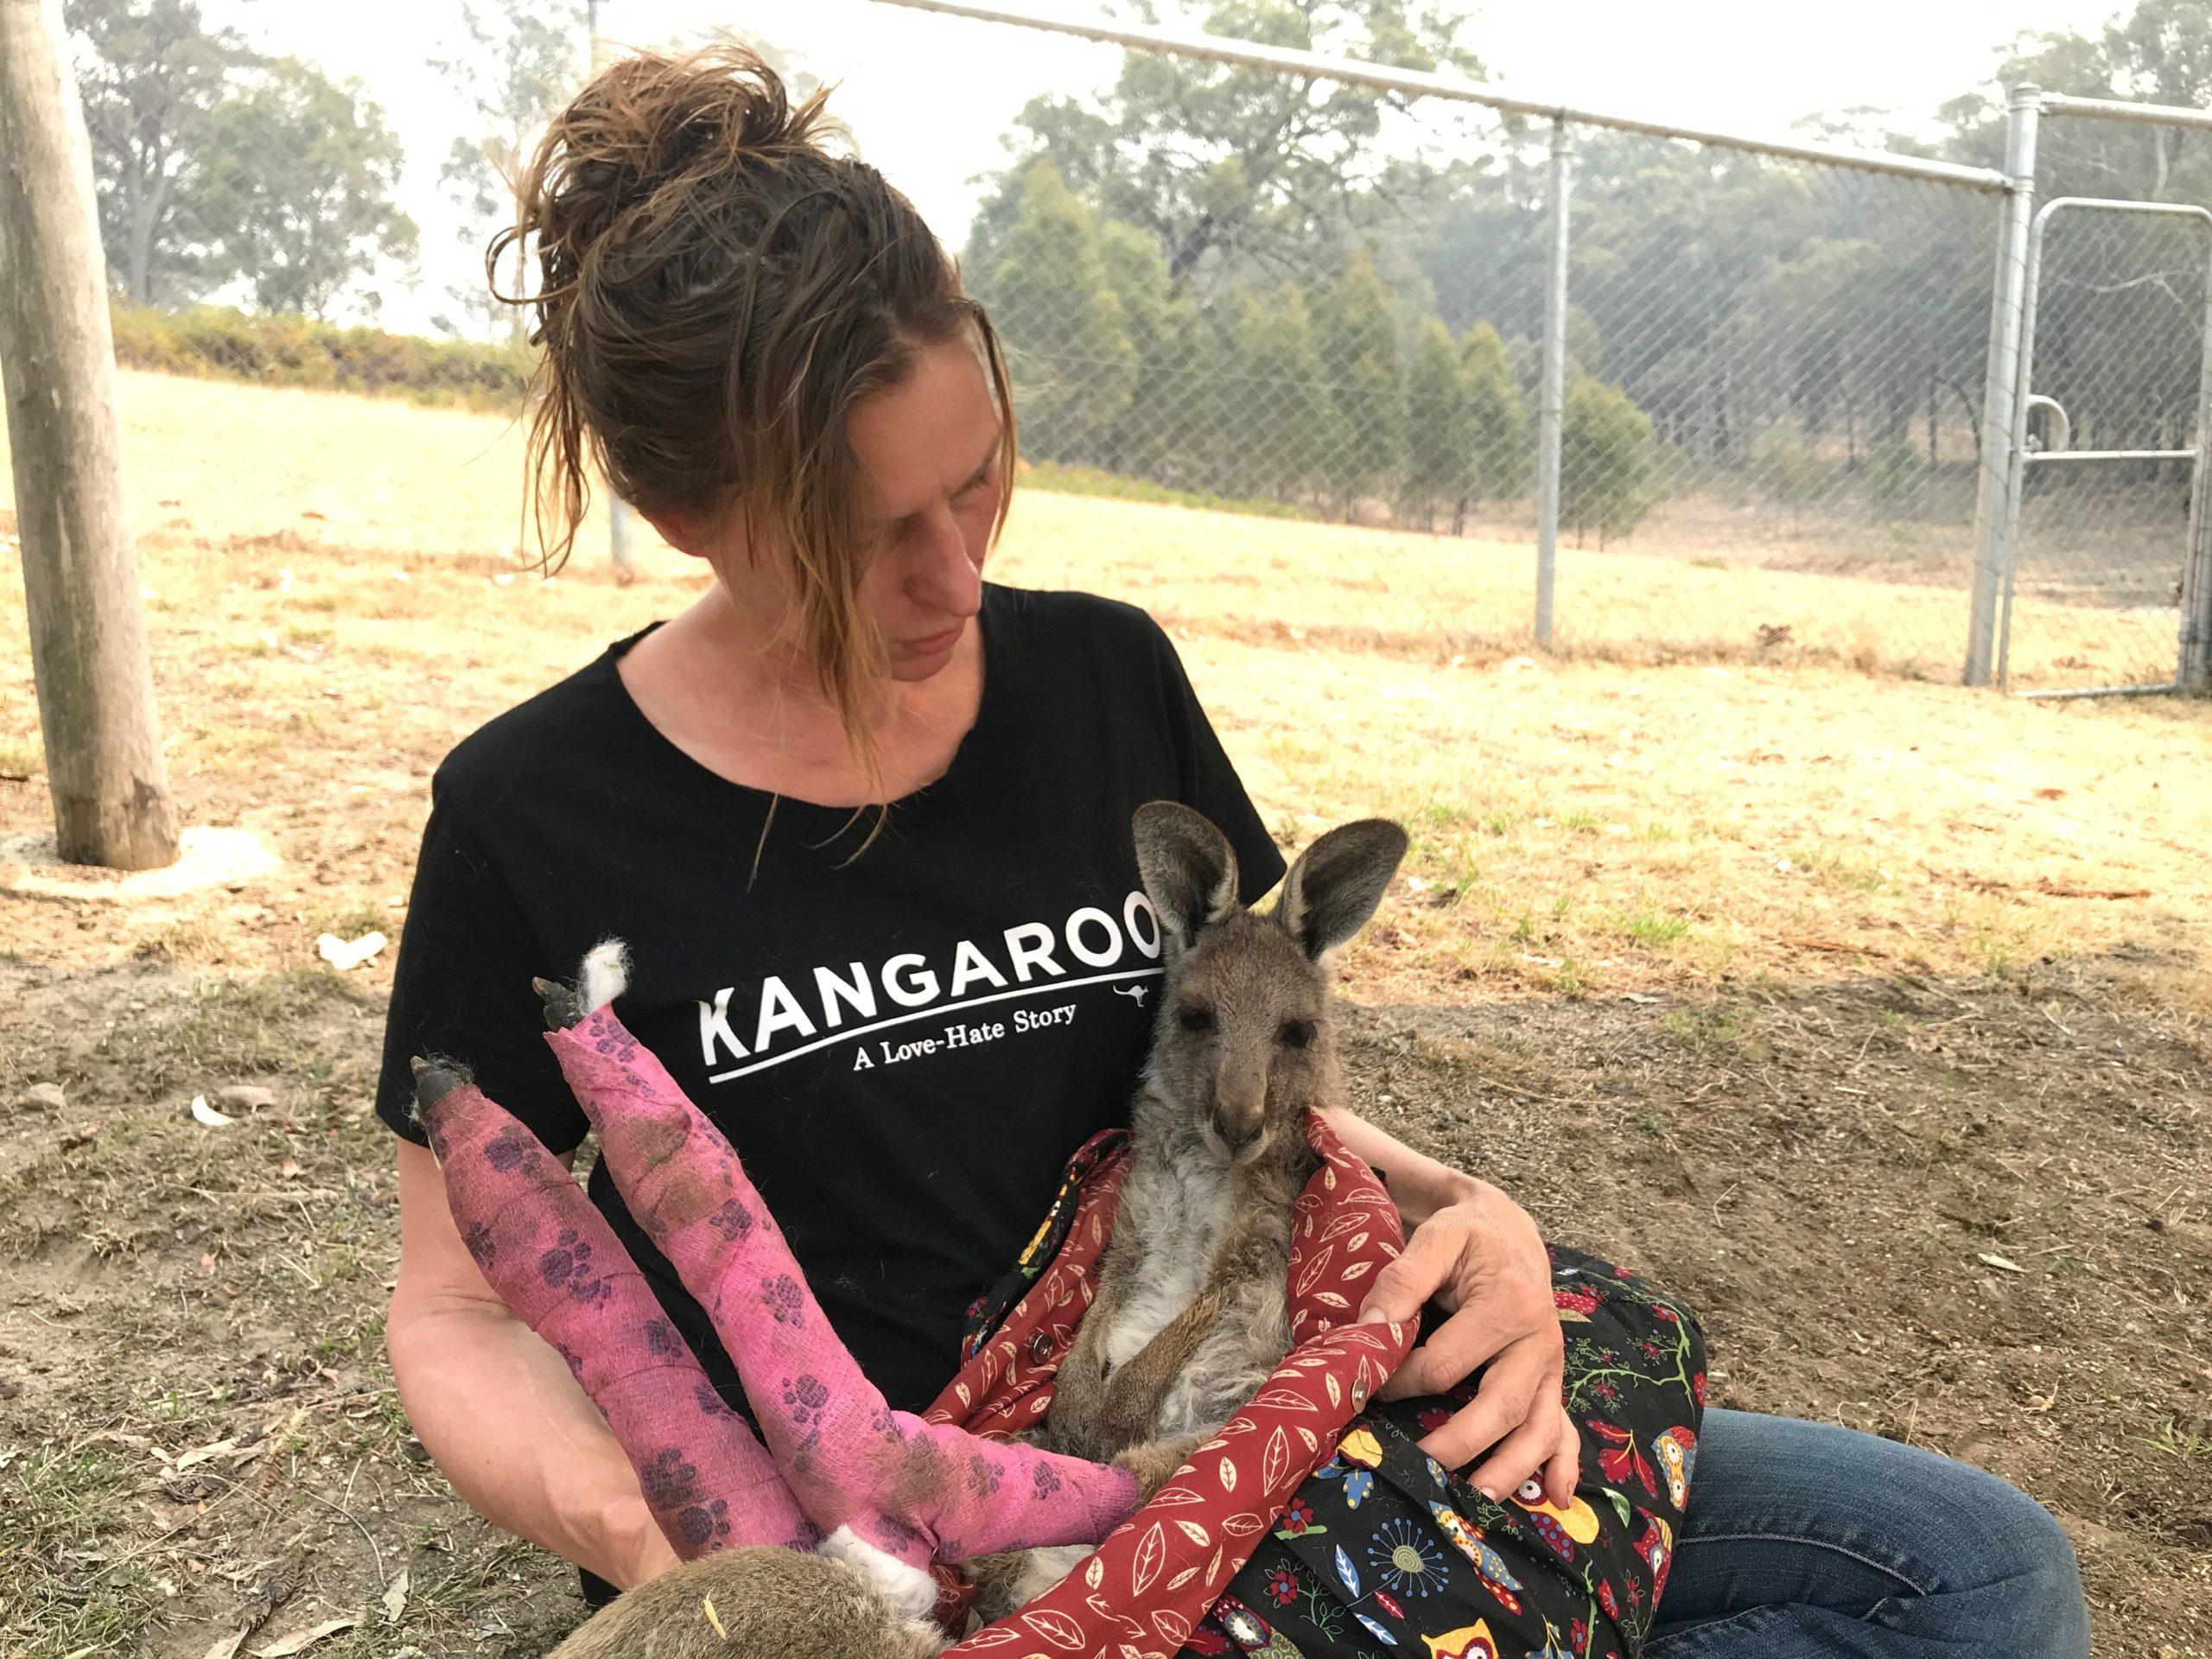 Gli incendi in Australia hanno causato la morte di mezzo miliardo di animali, e nessuno ne parla